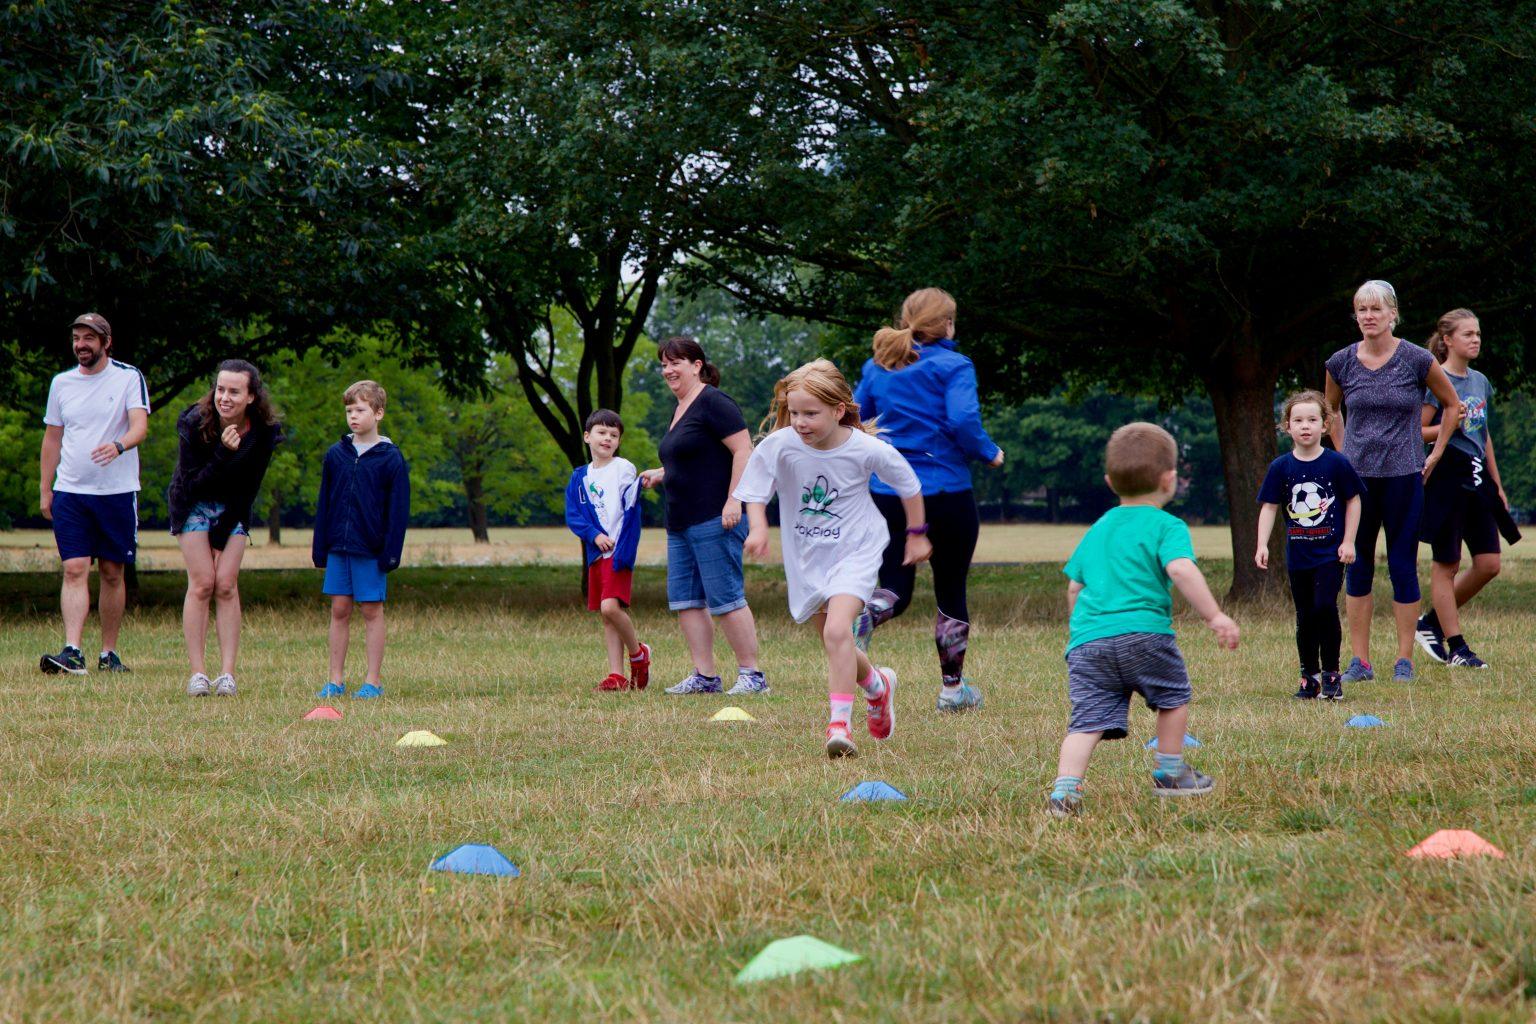 Children running on grass in a park